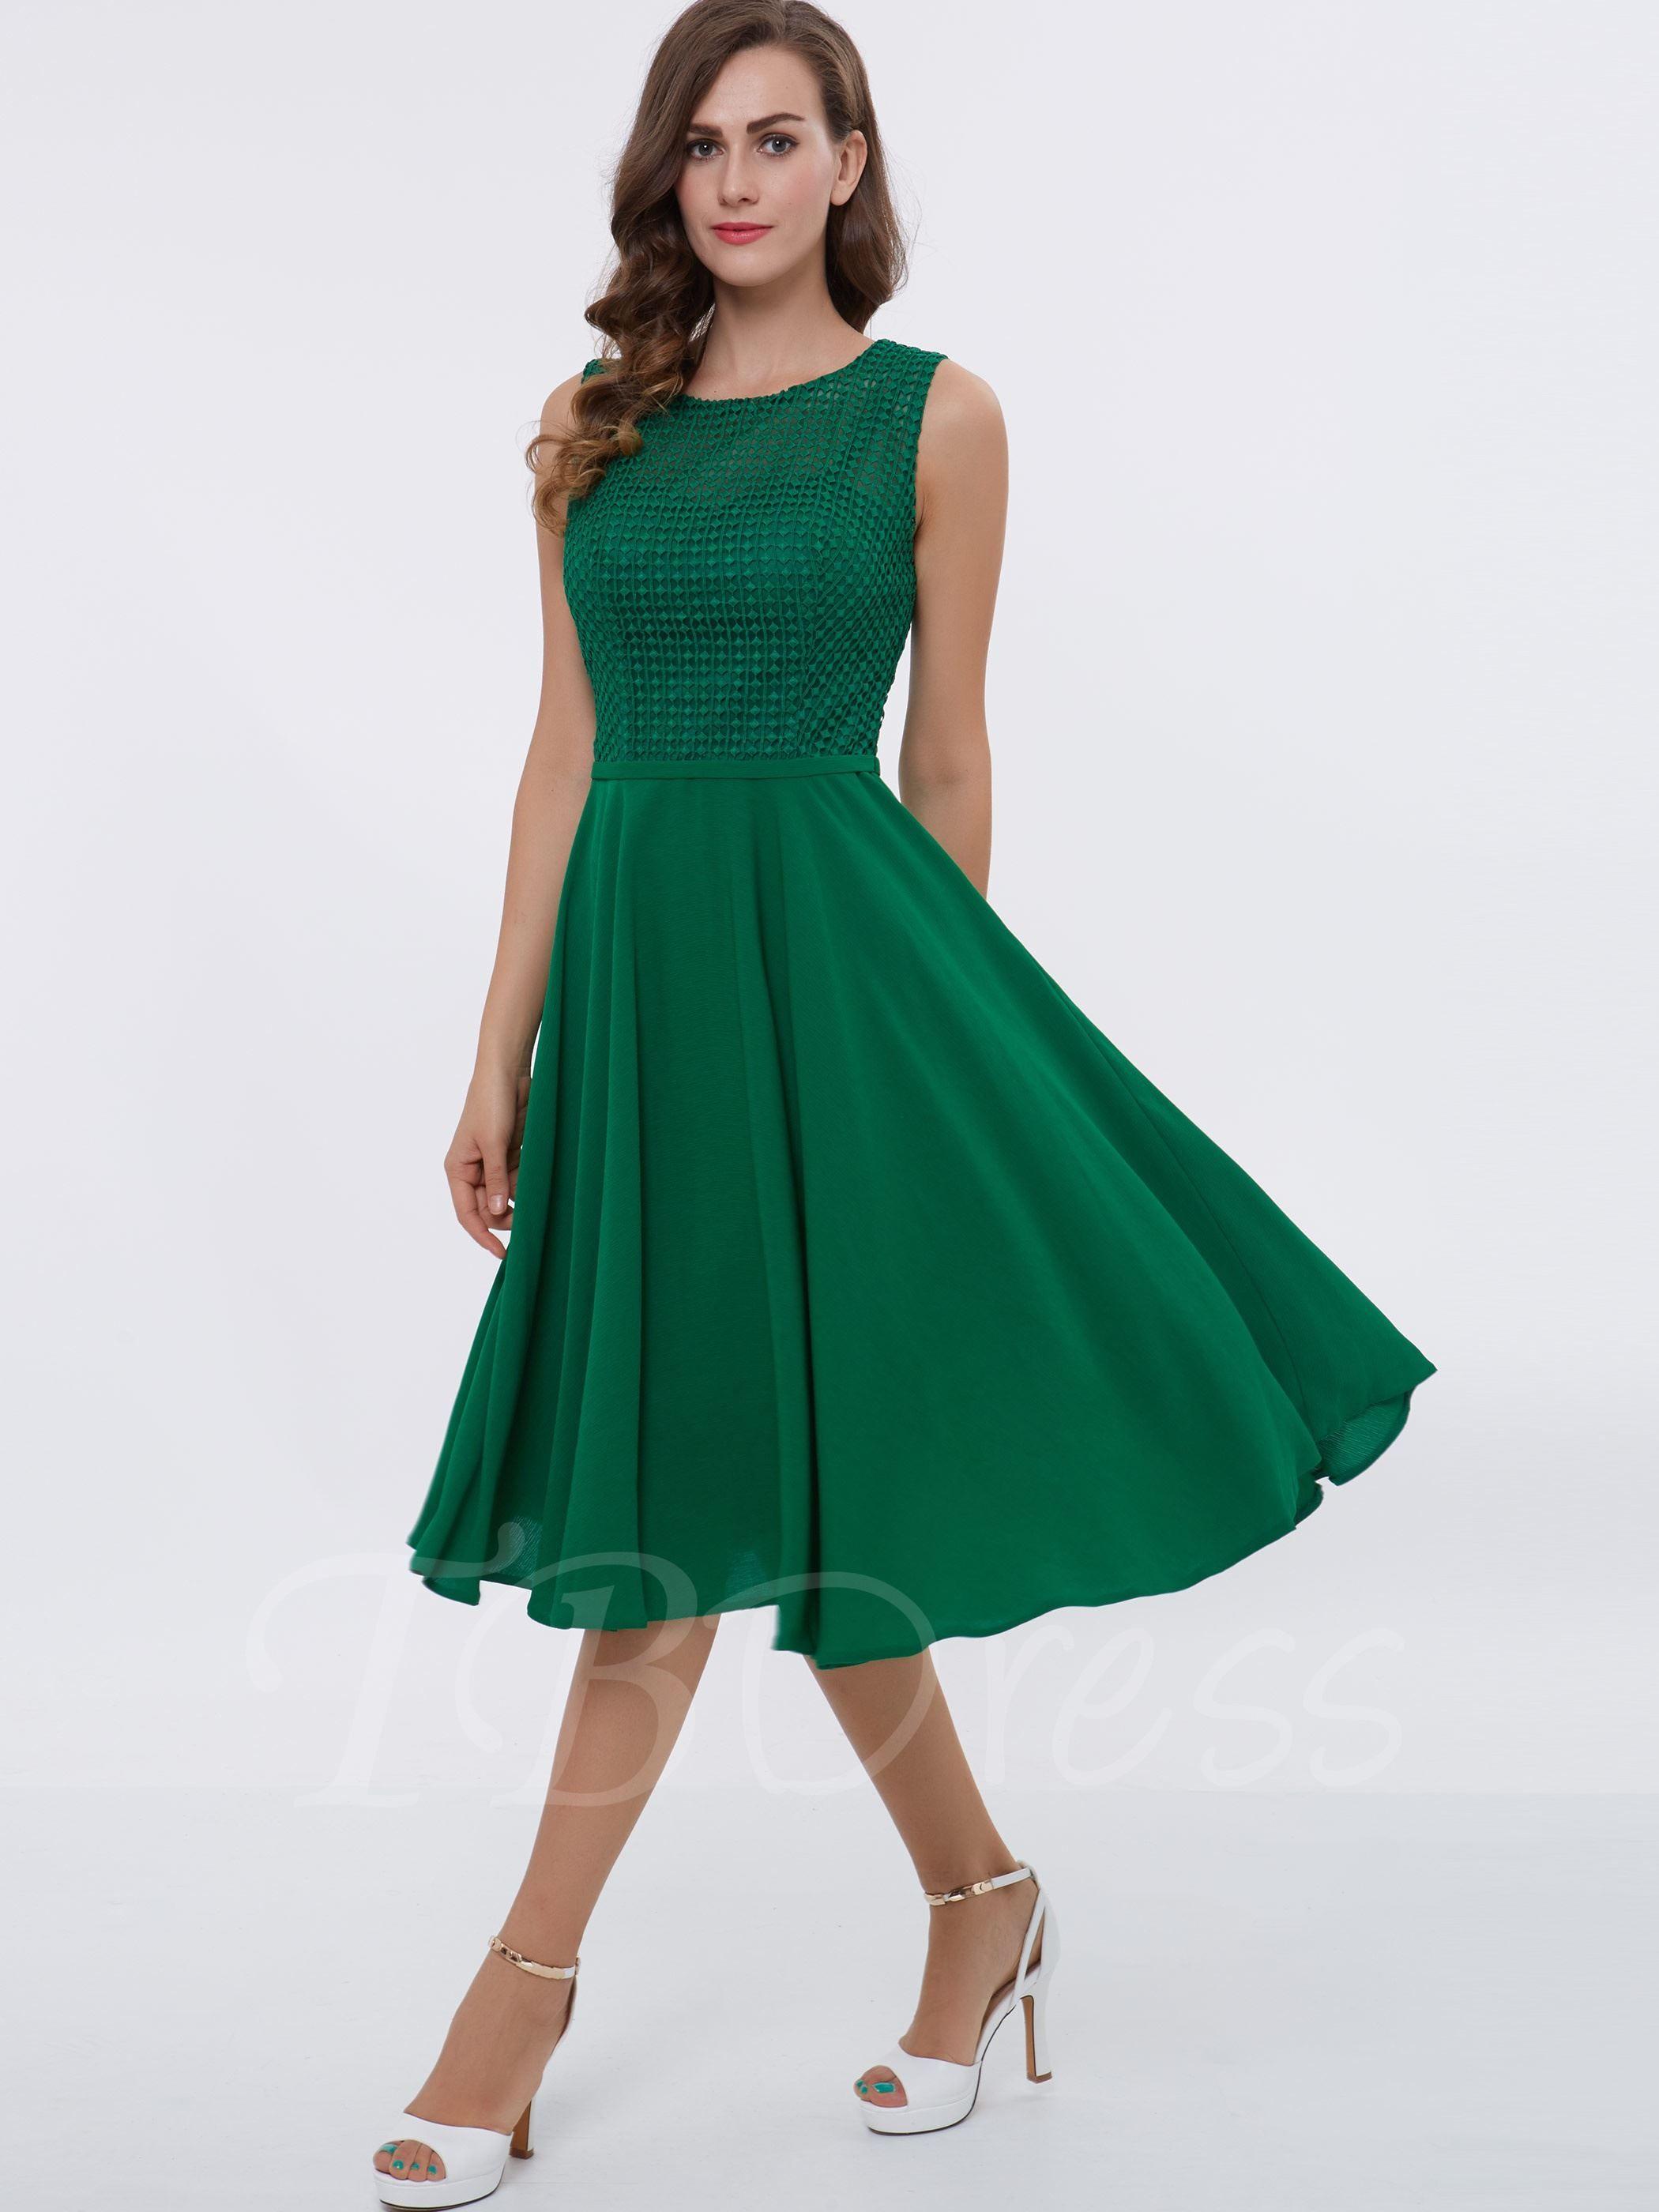 Straps ALine Lace TeaLength Cocktail Dress clothes Pinterest